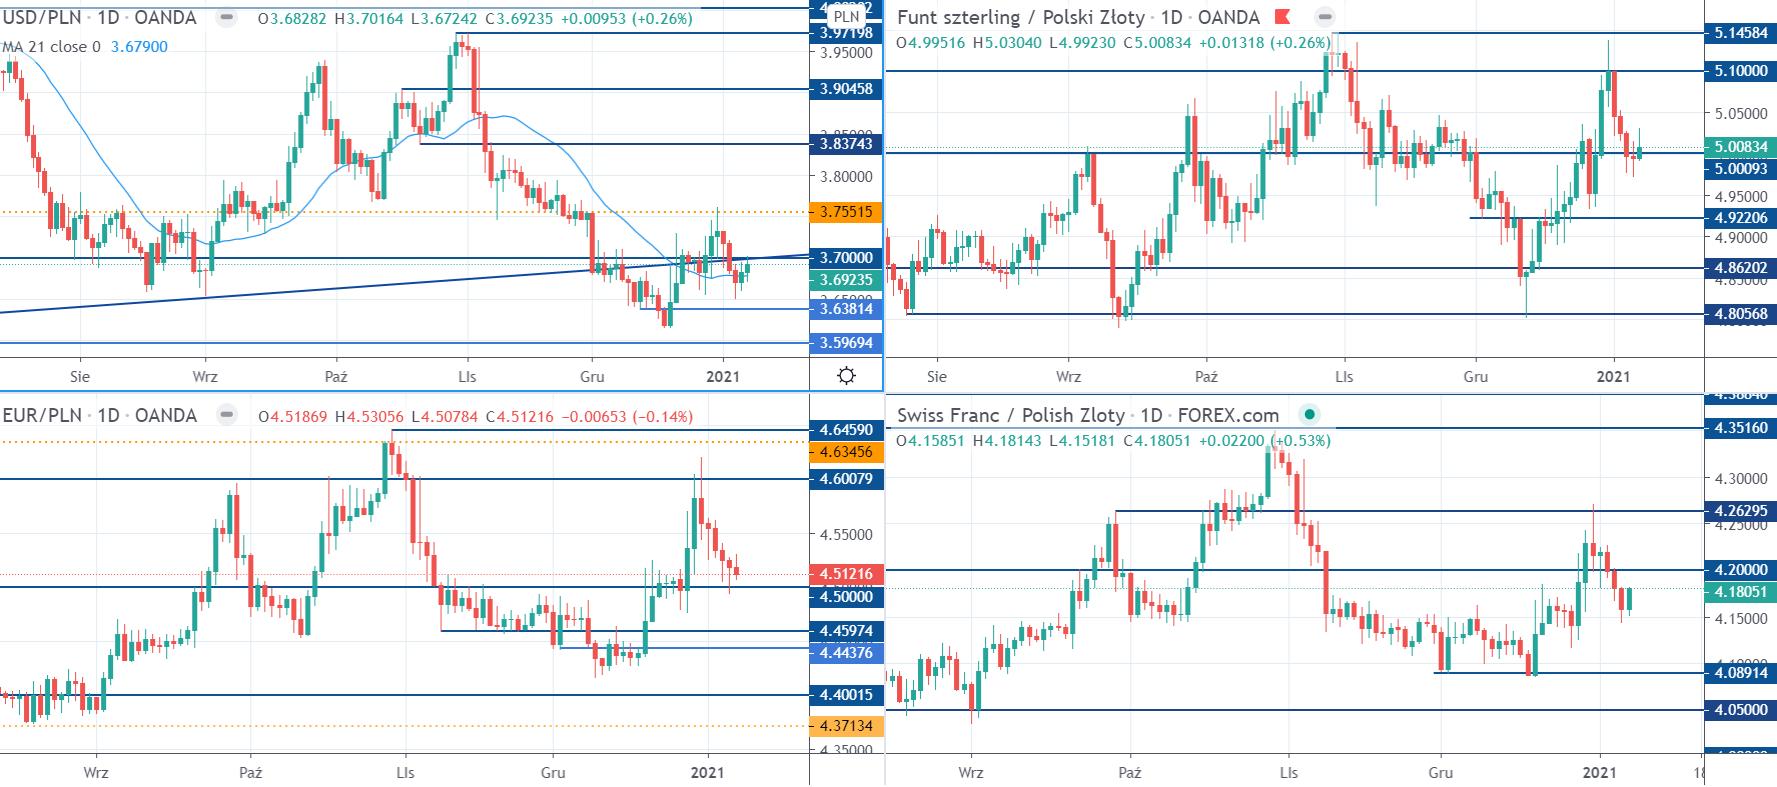 Kurs EURPLN, USDPLN, CHFPLN i GBPPLN na interwale dziennym, tradingview